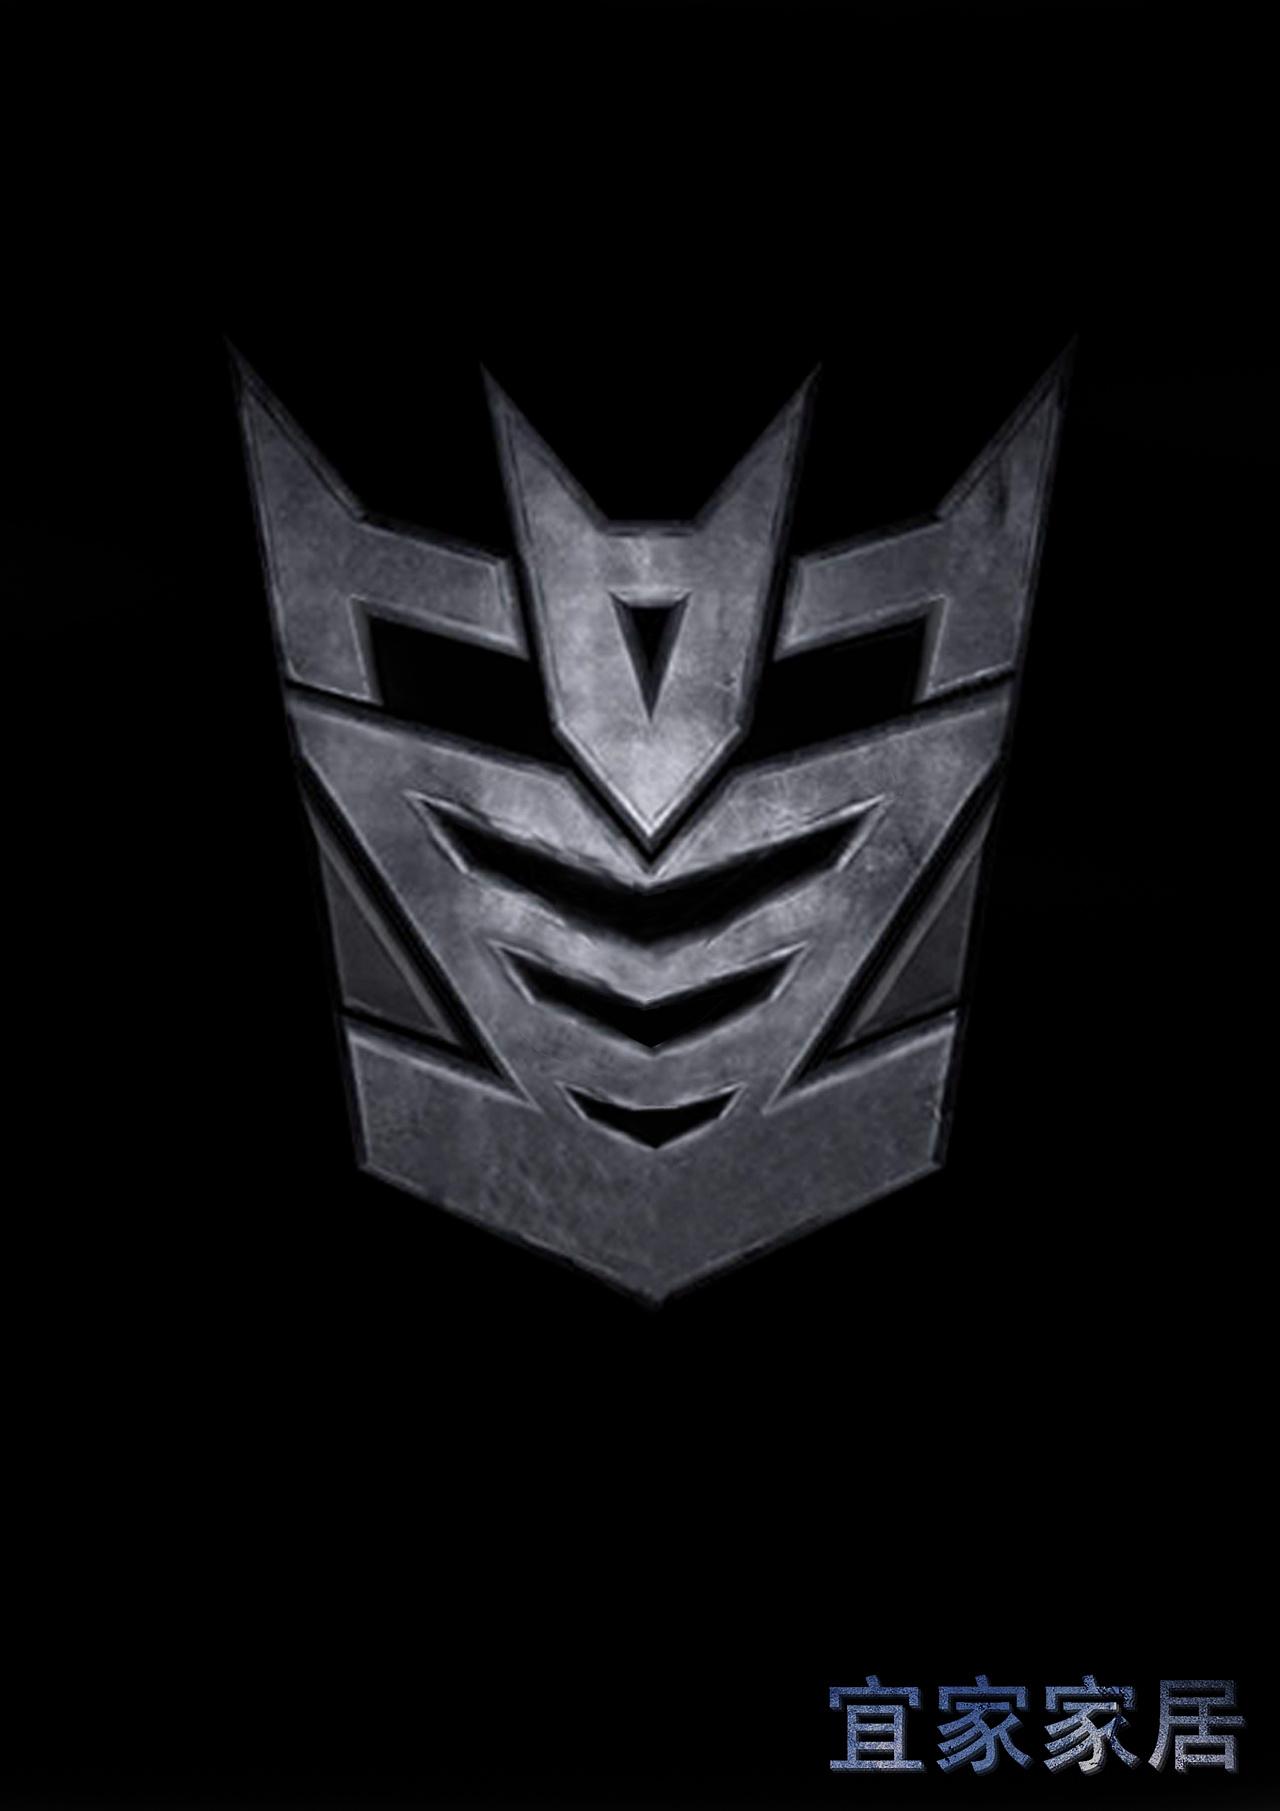 宜家家居logo图片